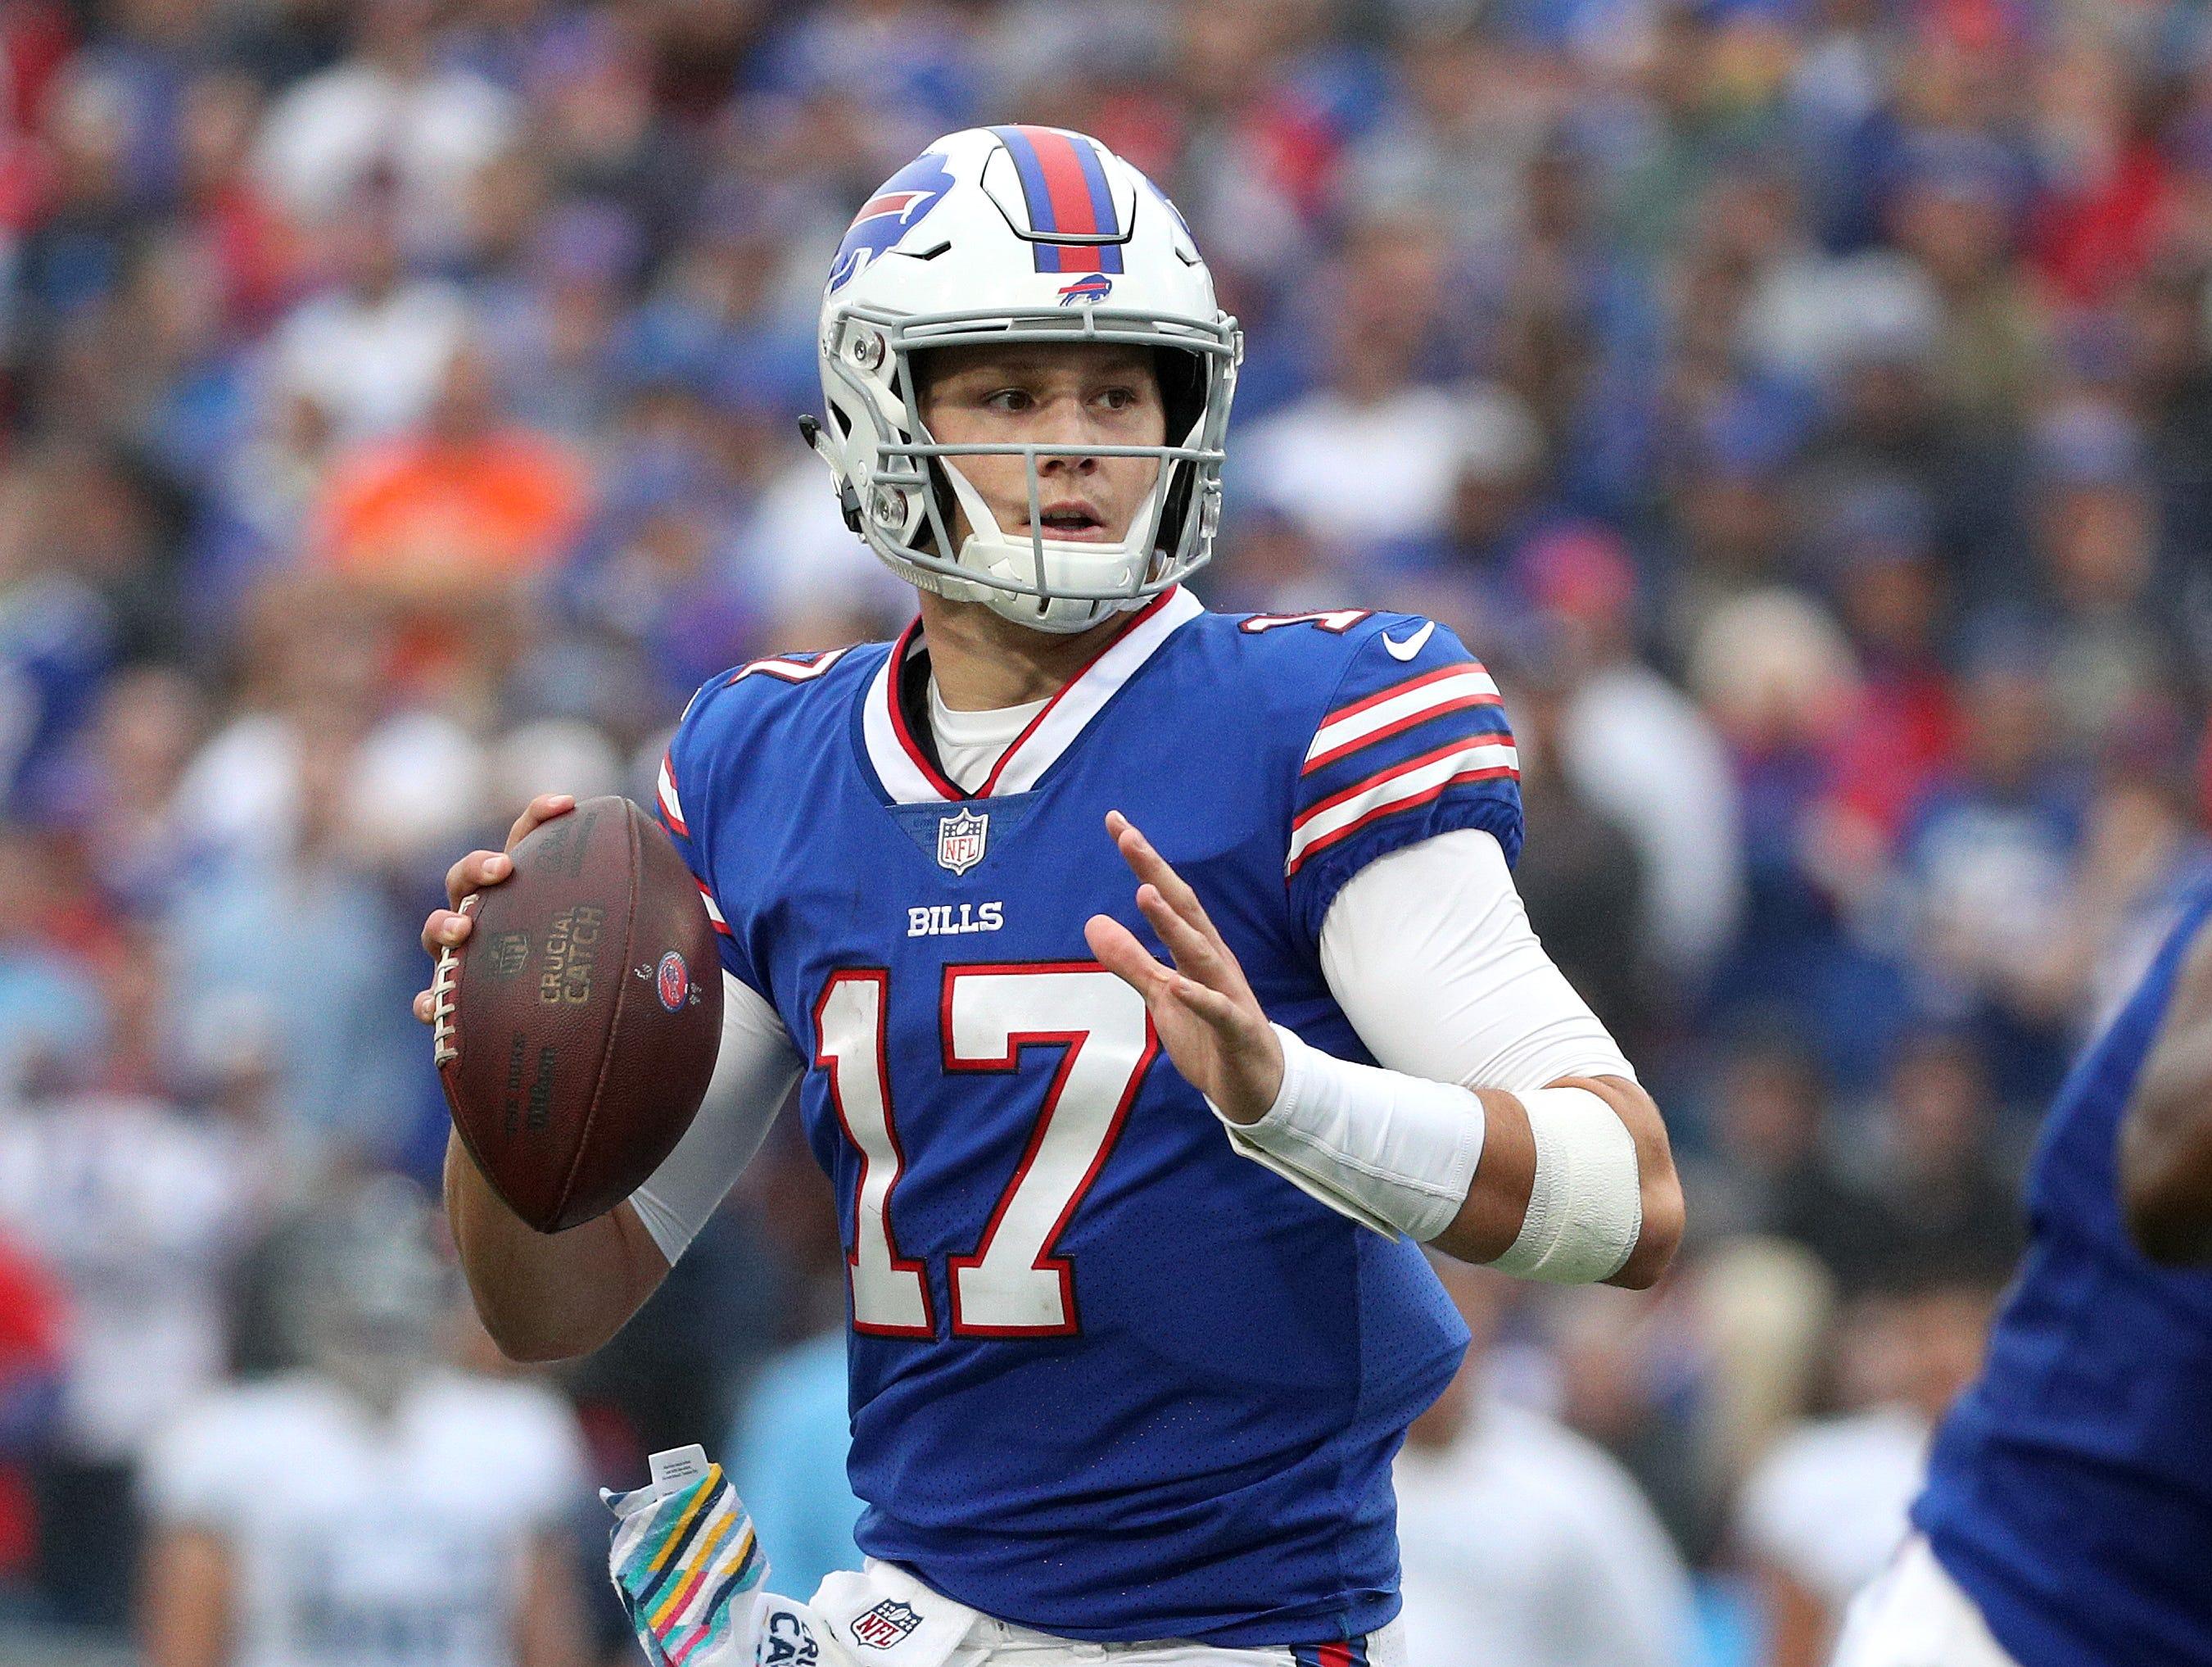 Bills quarterback Josh Allen looks downfield.